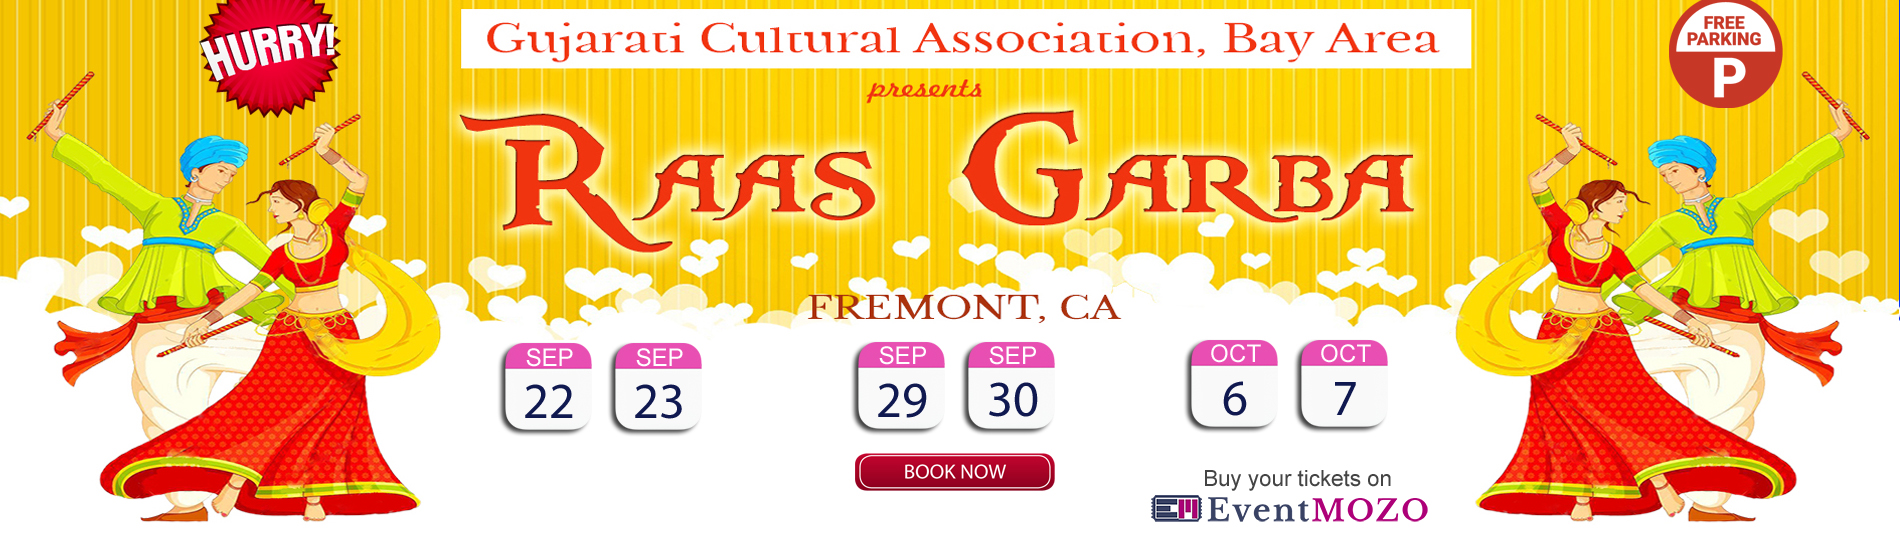 EventMozo GCA Garba Events